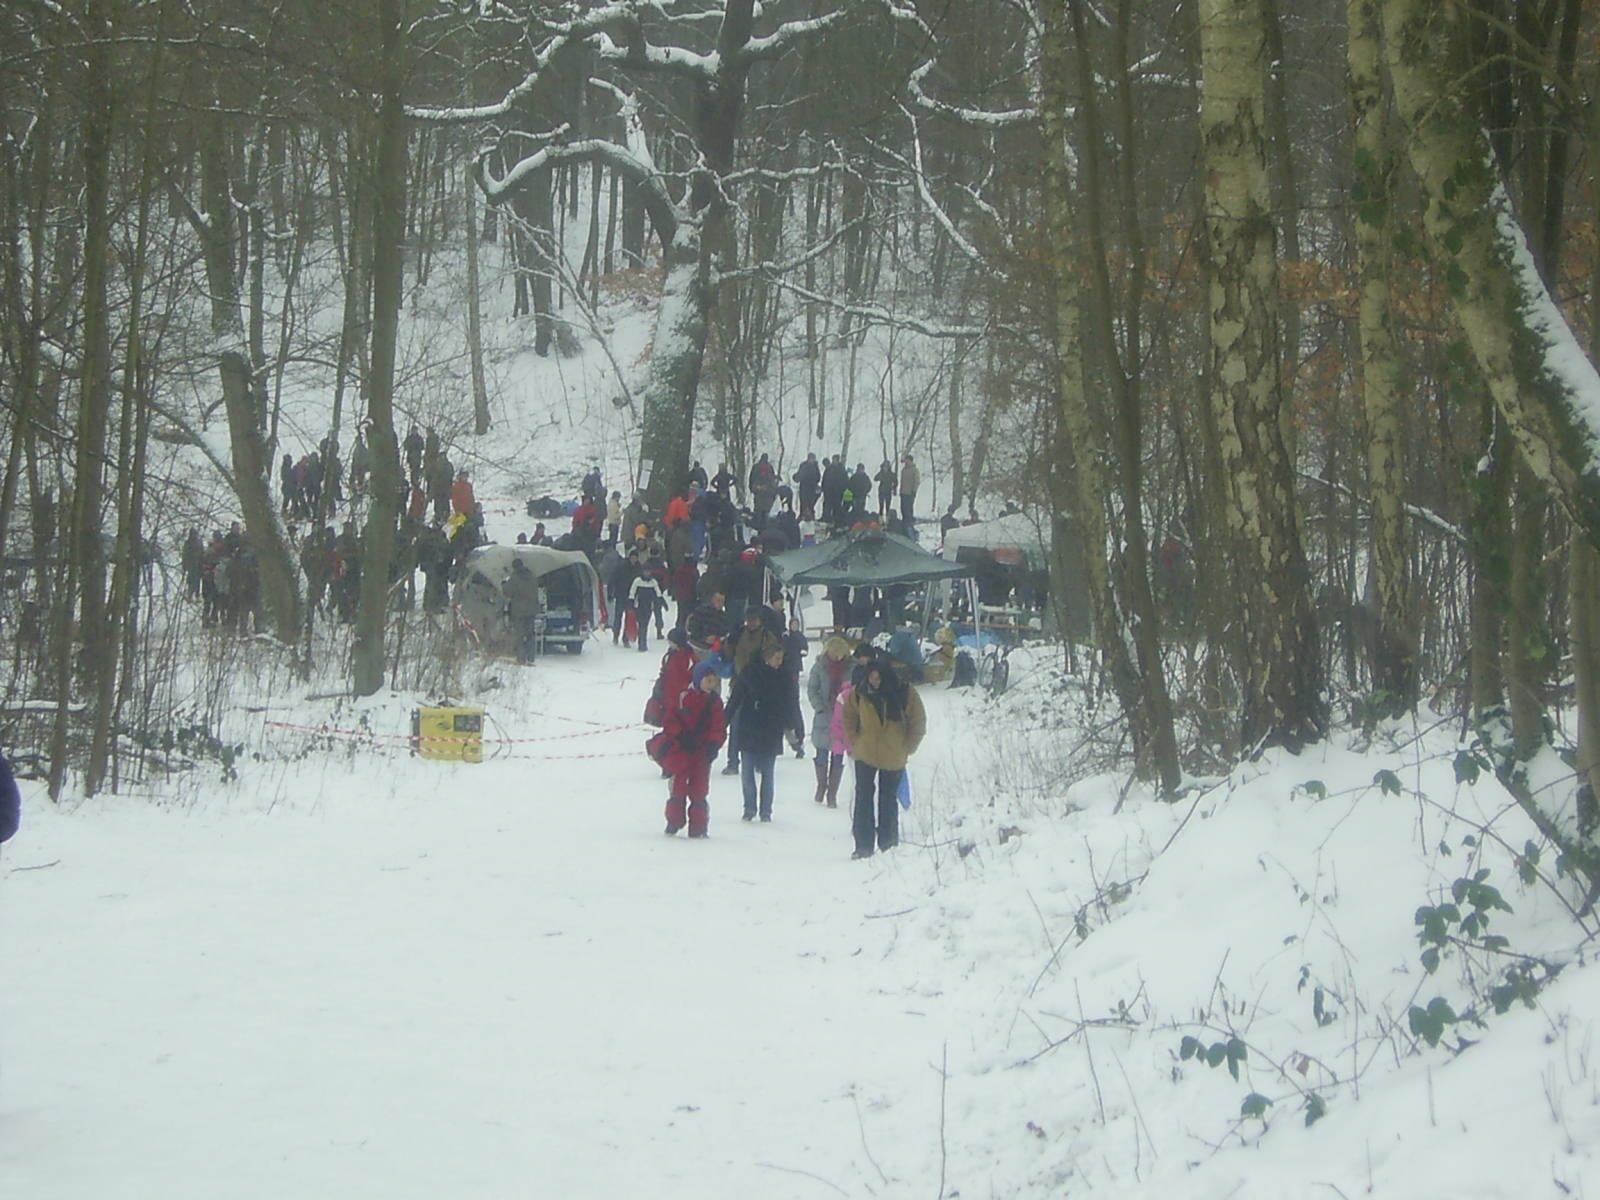 Crosslauf Bergedorf 10.1.2010:  Blick auf den Start-/Zielbereich